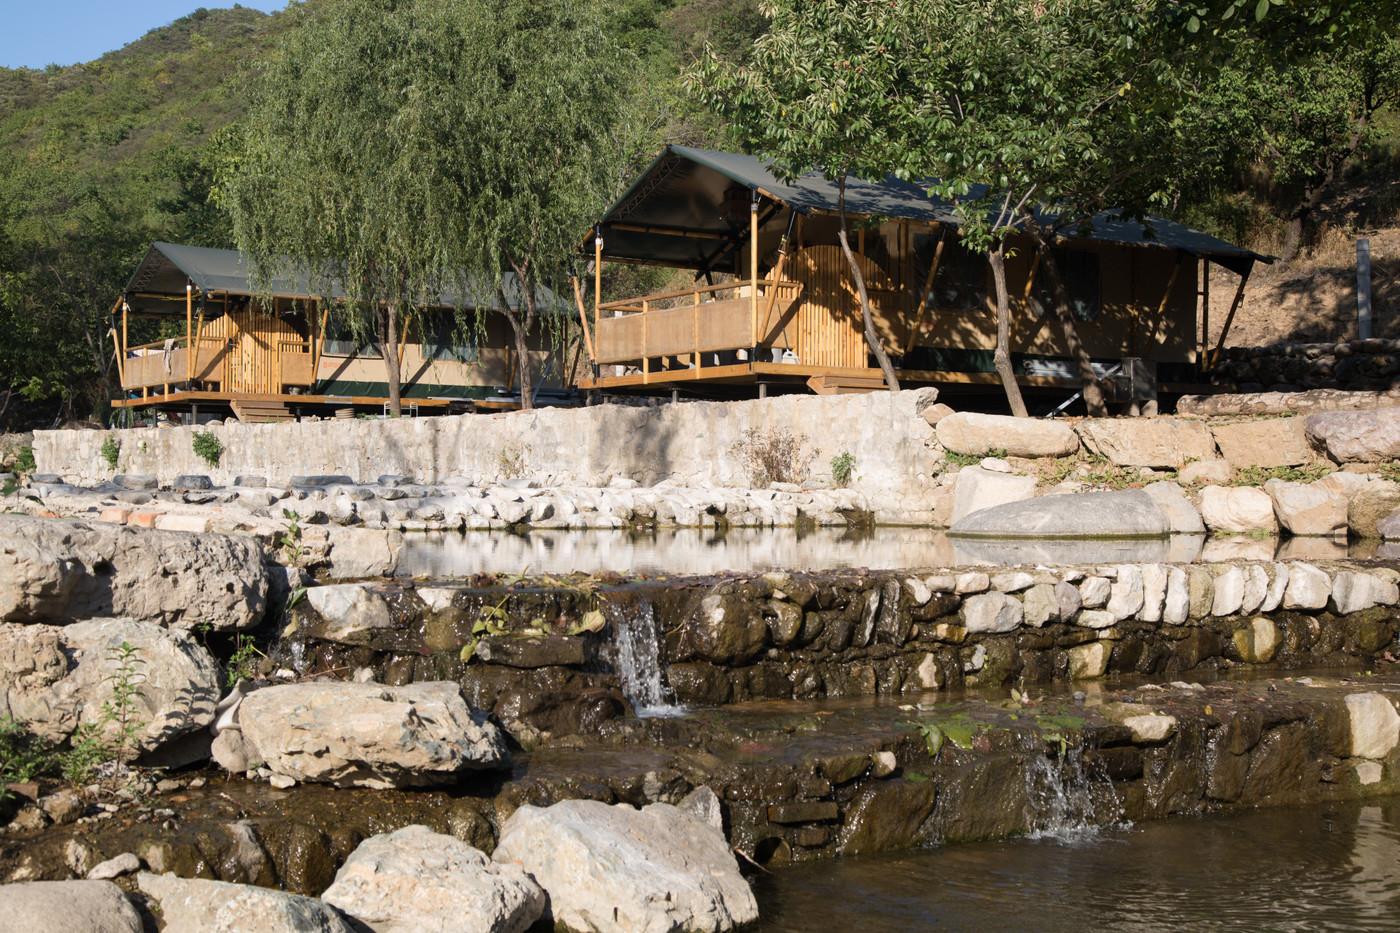 喜马拉雅野奢帐篷酒店一北京石头 剪刀 布一私享院子 54平山谷型  9